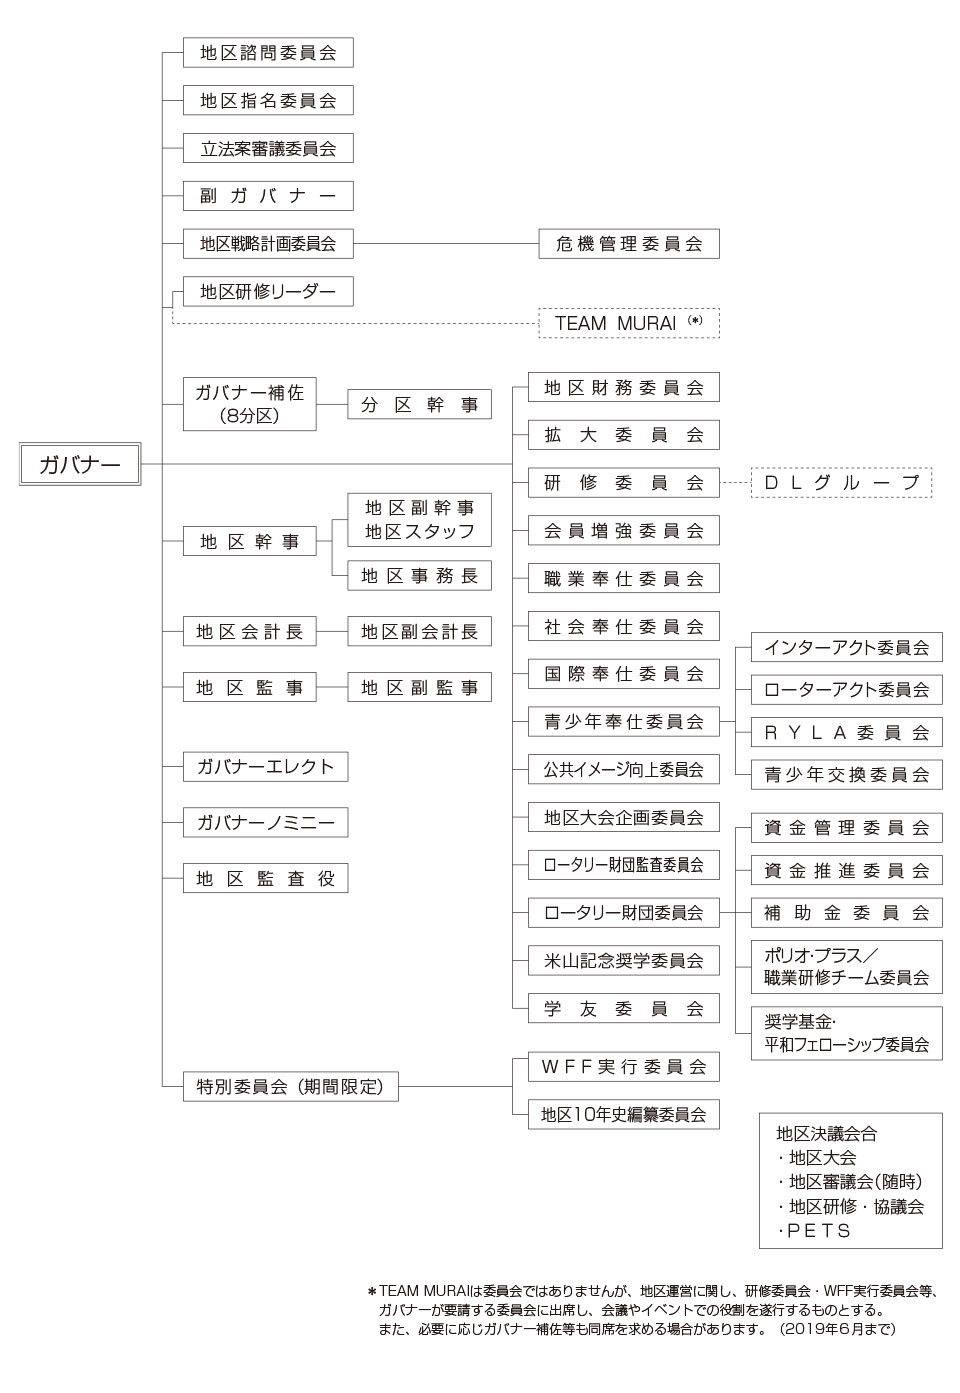 第2760地区組織図